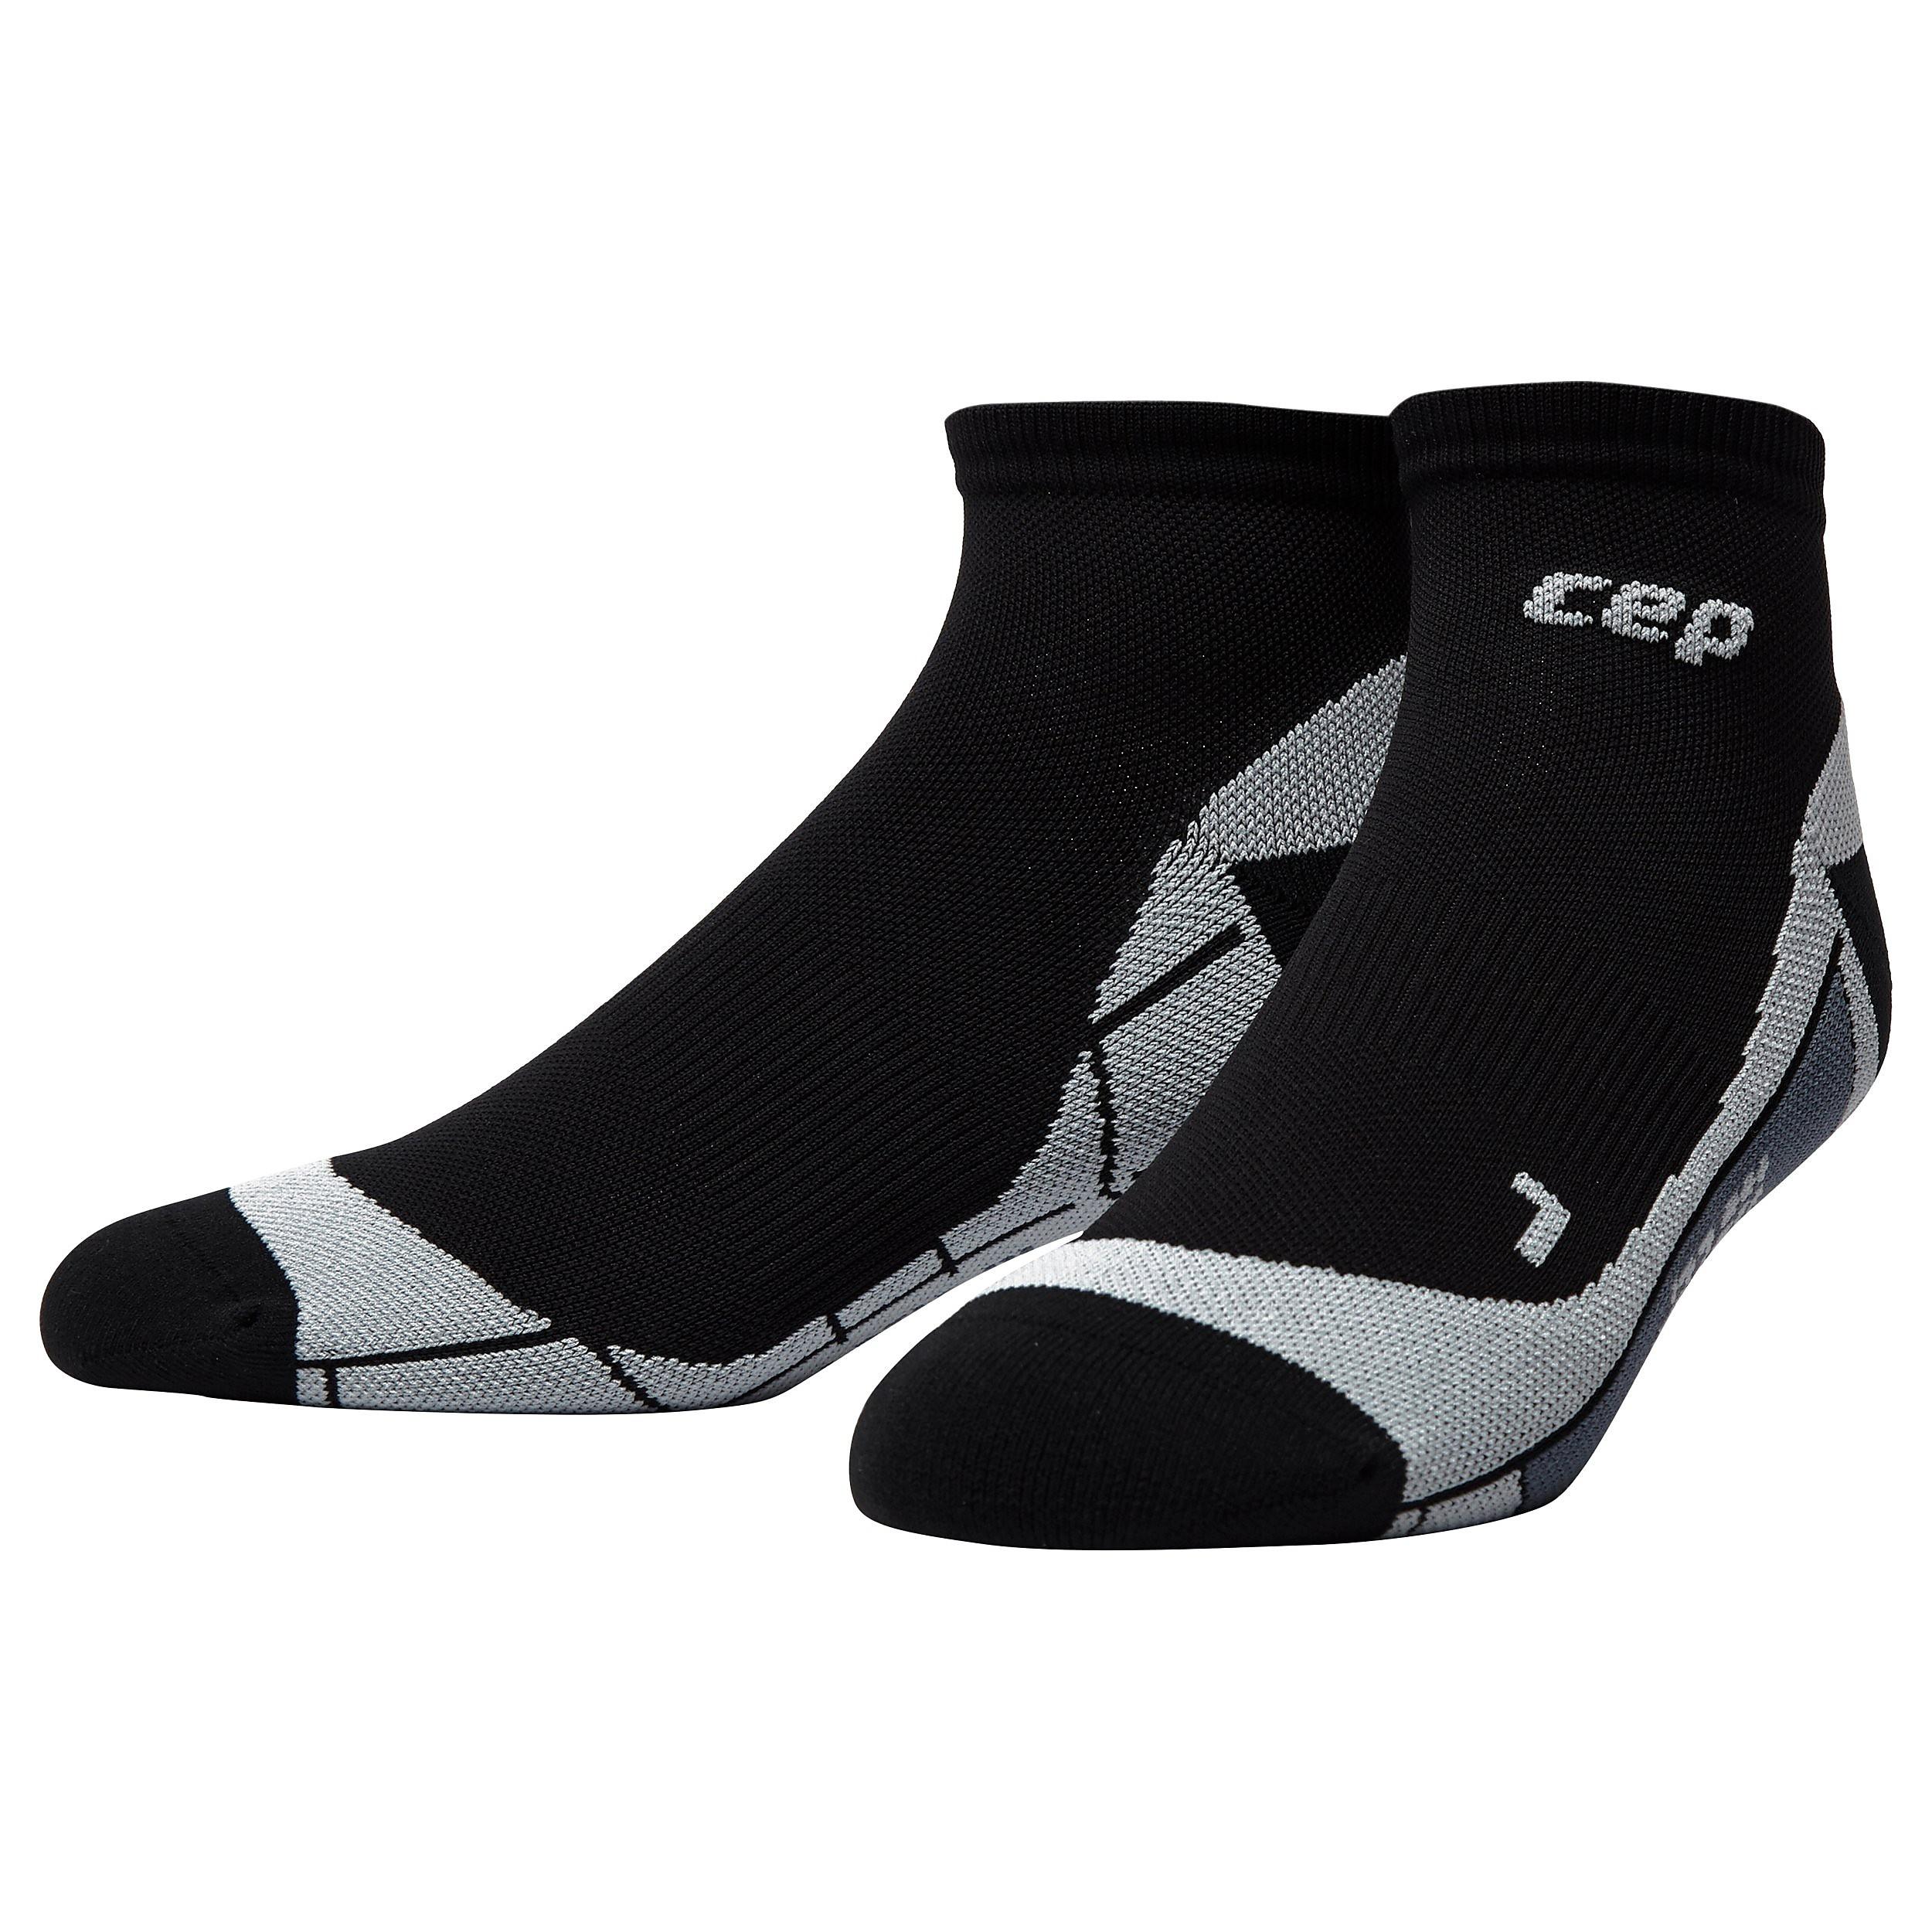 Cep Women's Low Cut Socks